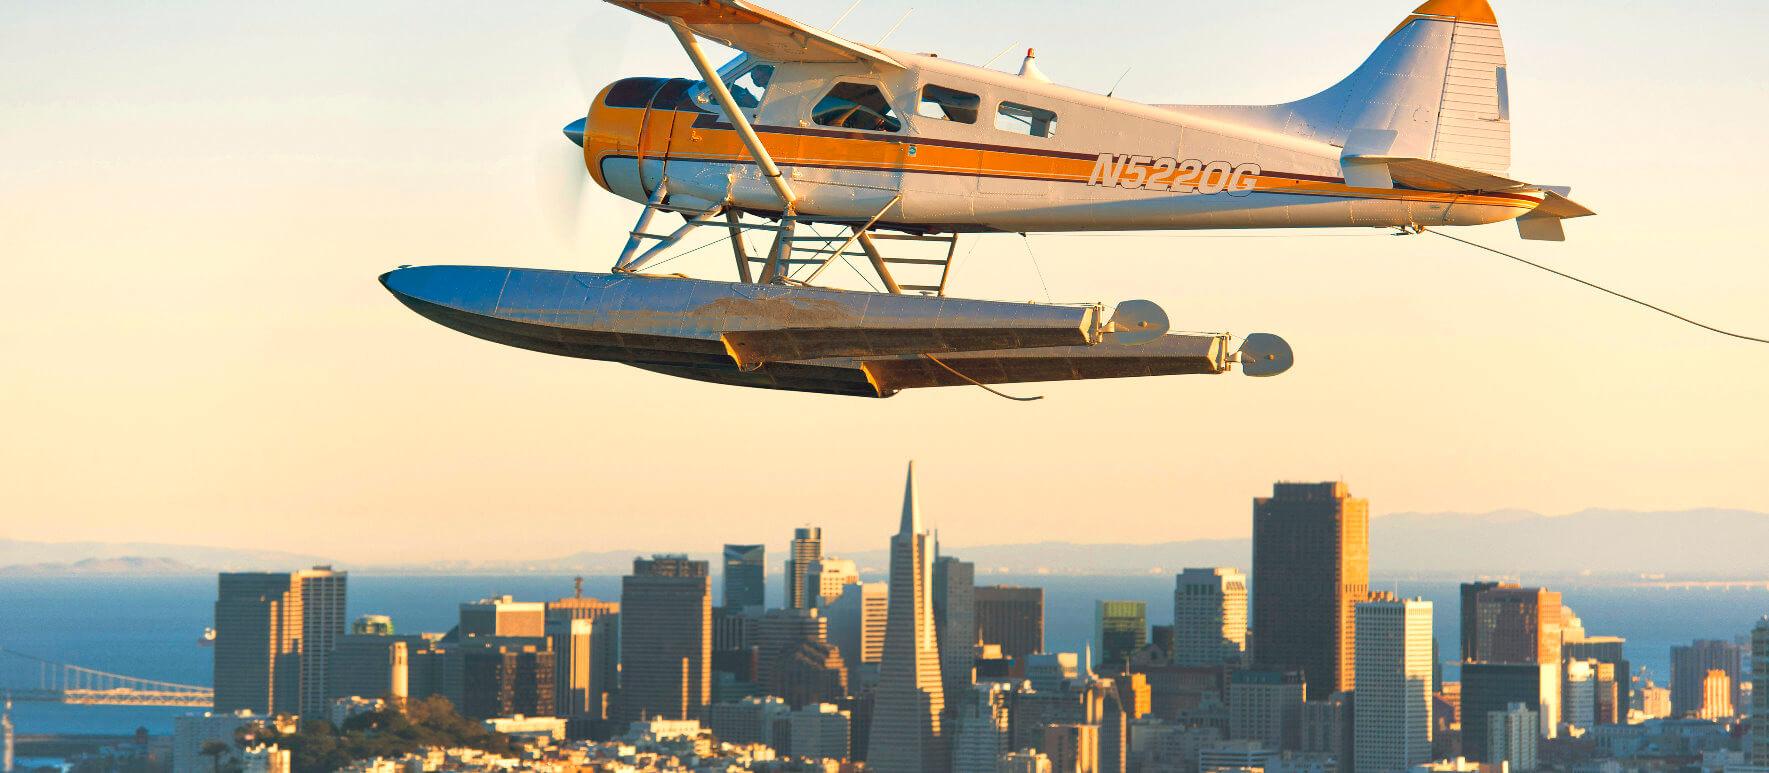 Tour-aerien-en-hydravion-vol-em-helicoptere-sur-alcatraz-et-la-baie-de-sanfrancisc